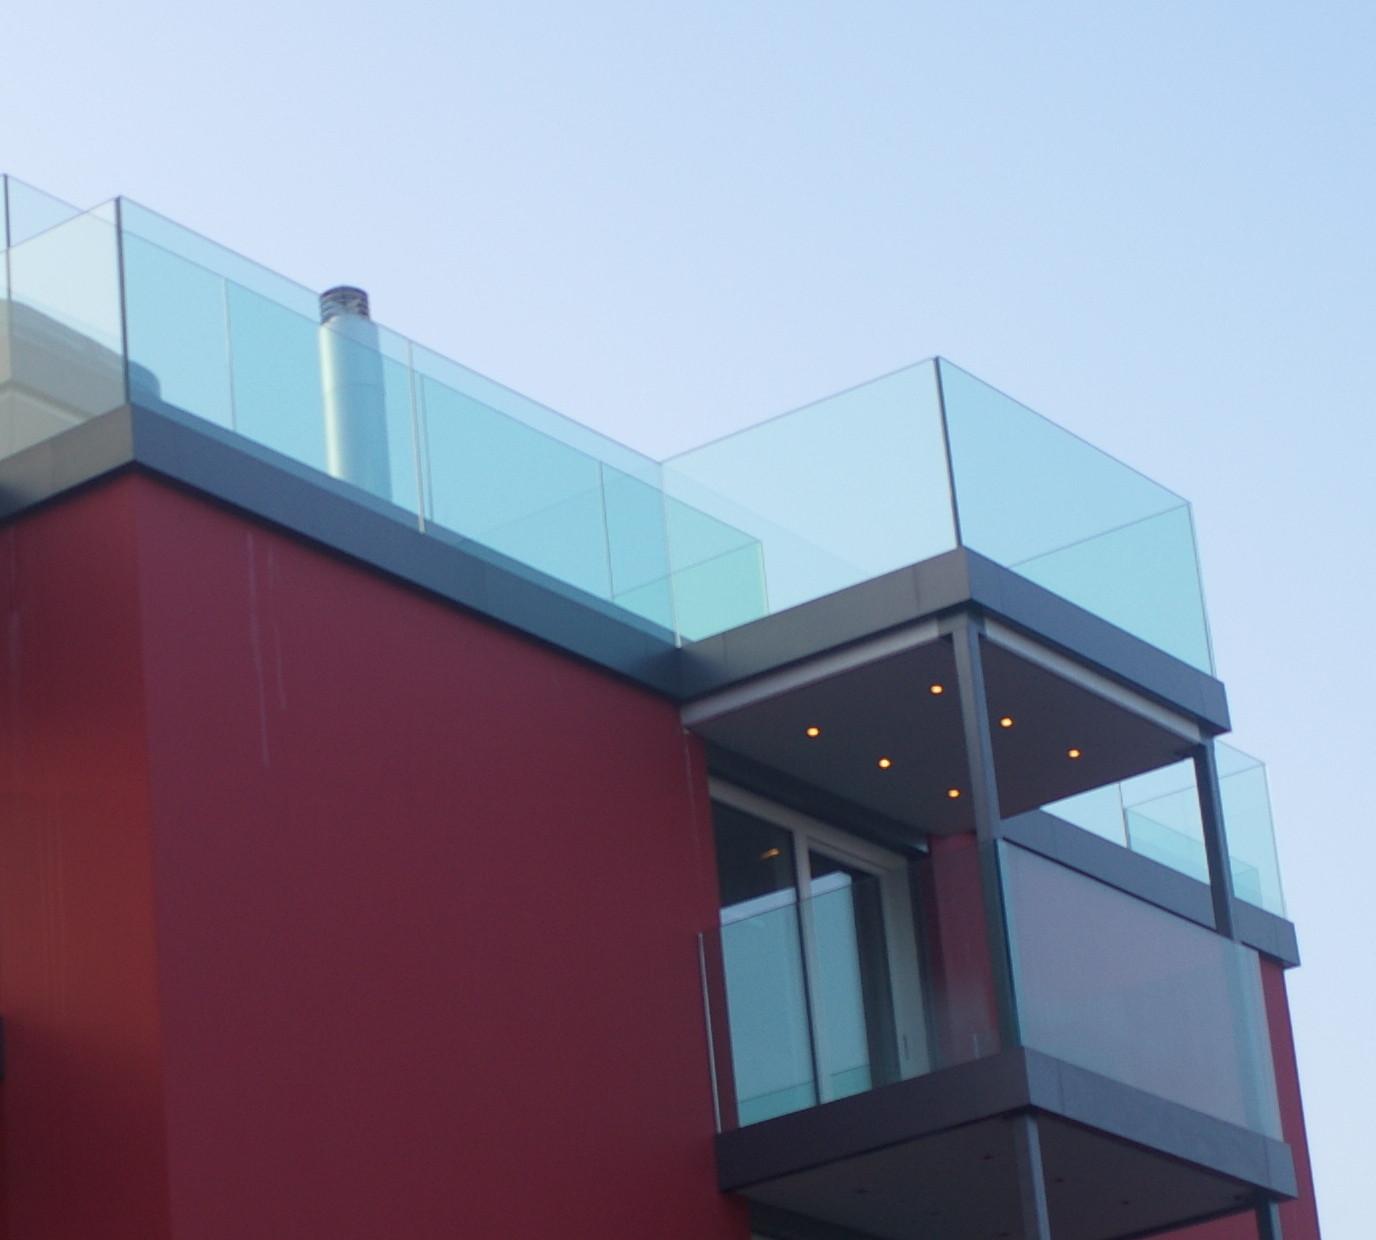 Freistehendes Glas auf Terrassen - für Vögel sehr gefährlich!